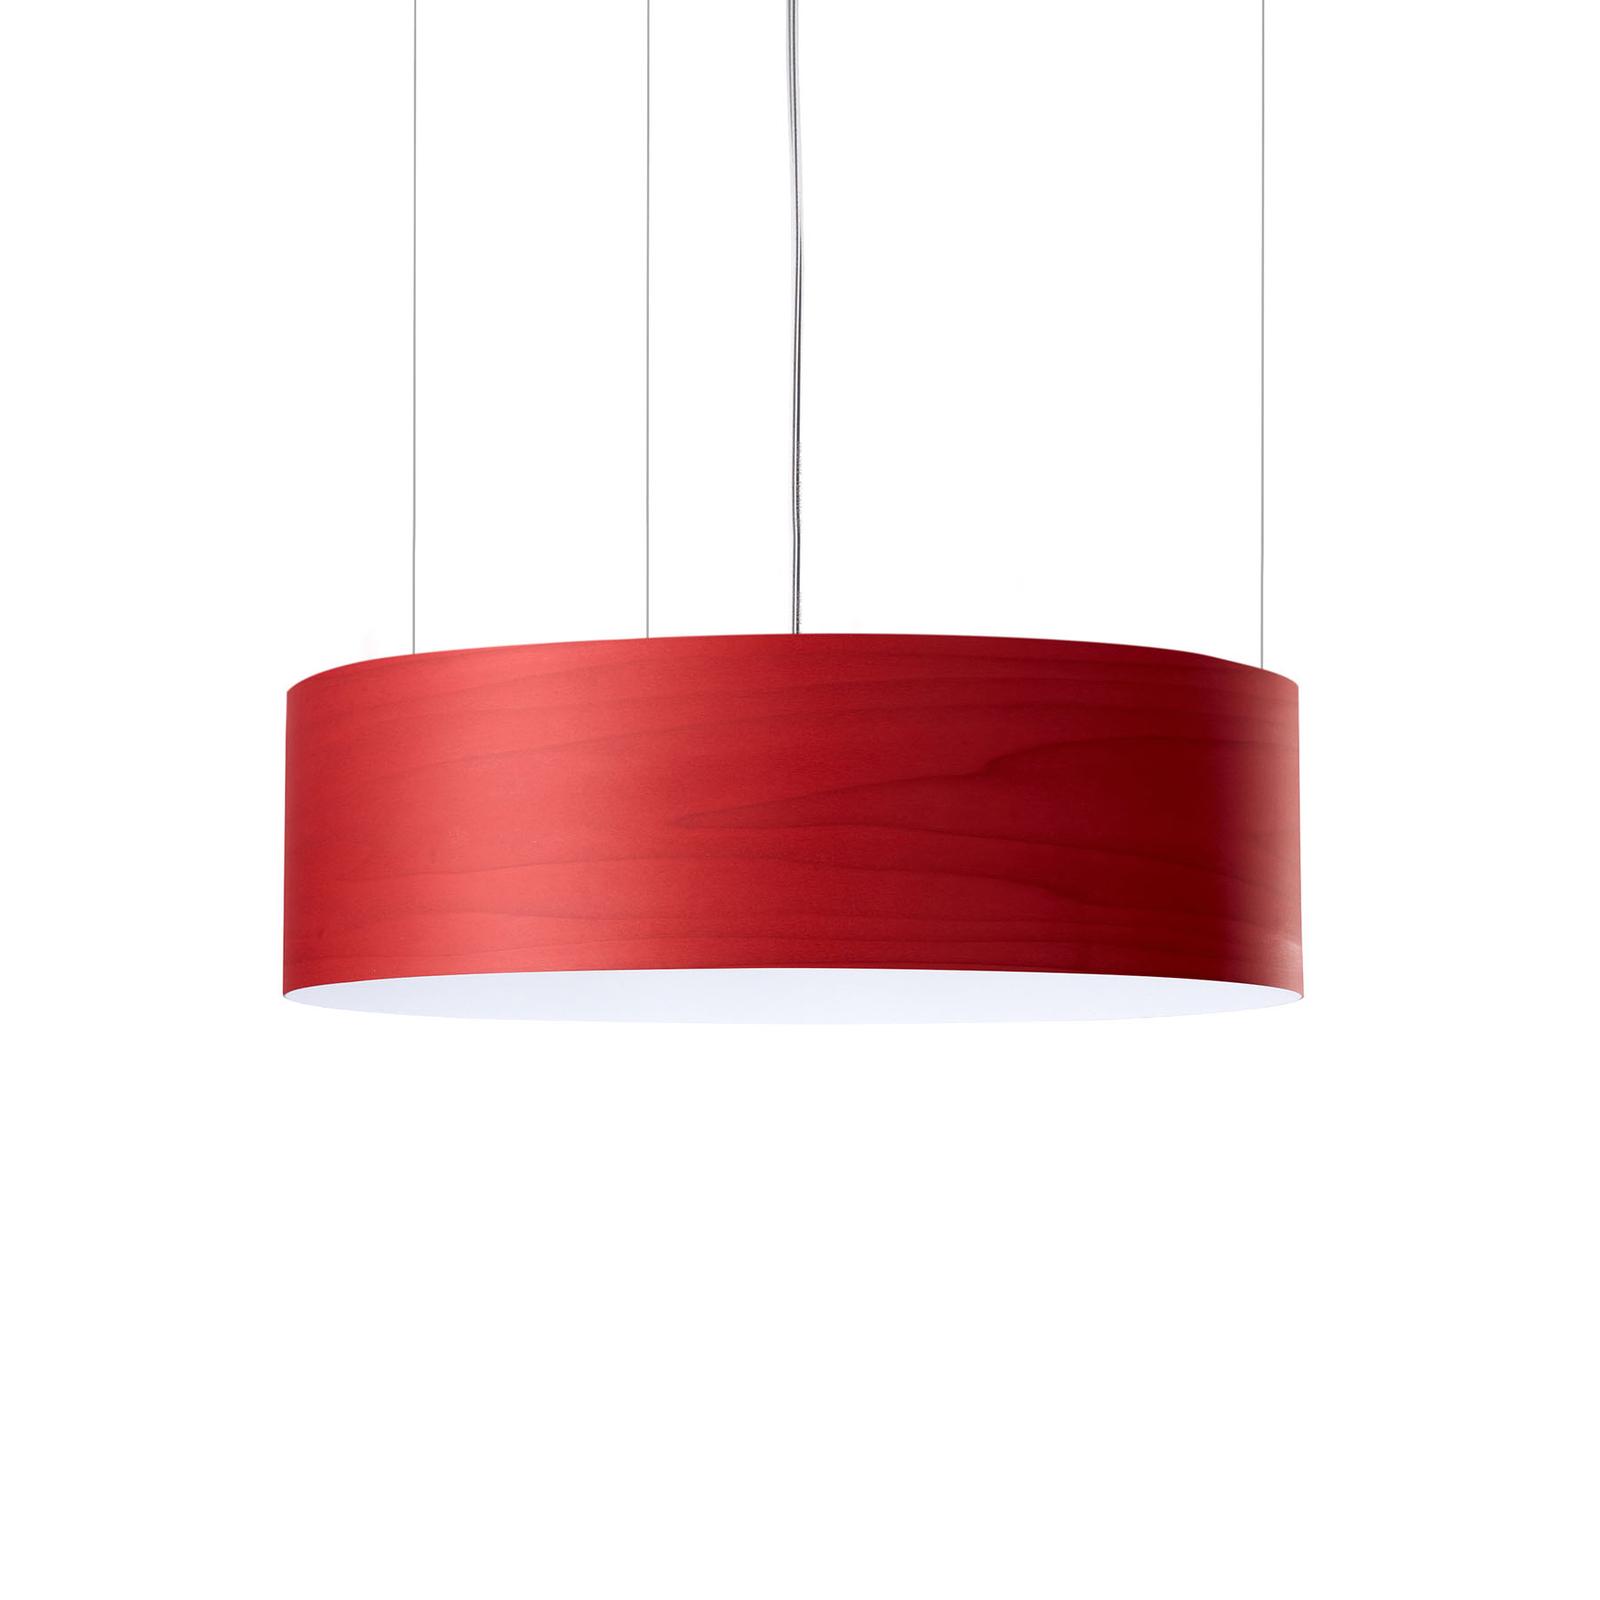 LZF Gea Slim -LED-riippuvalaisin 0–10 V, punainen